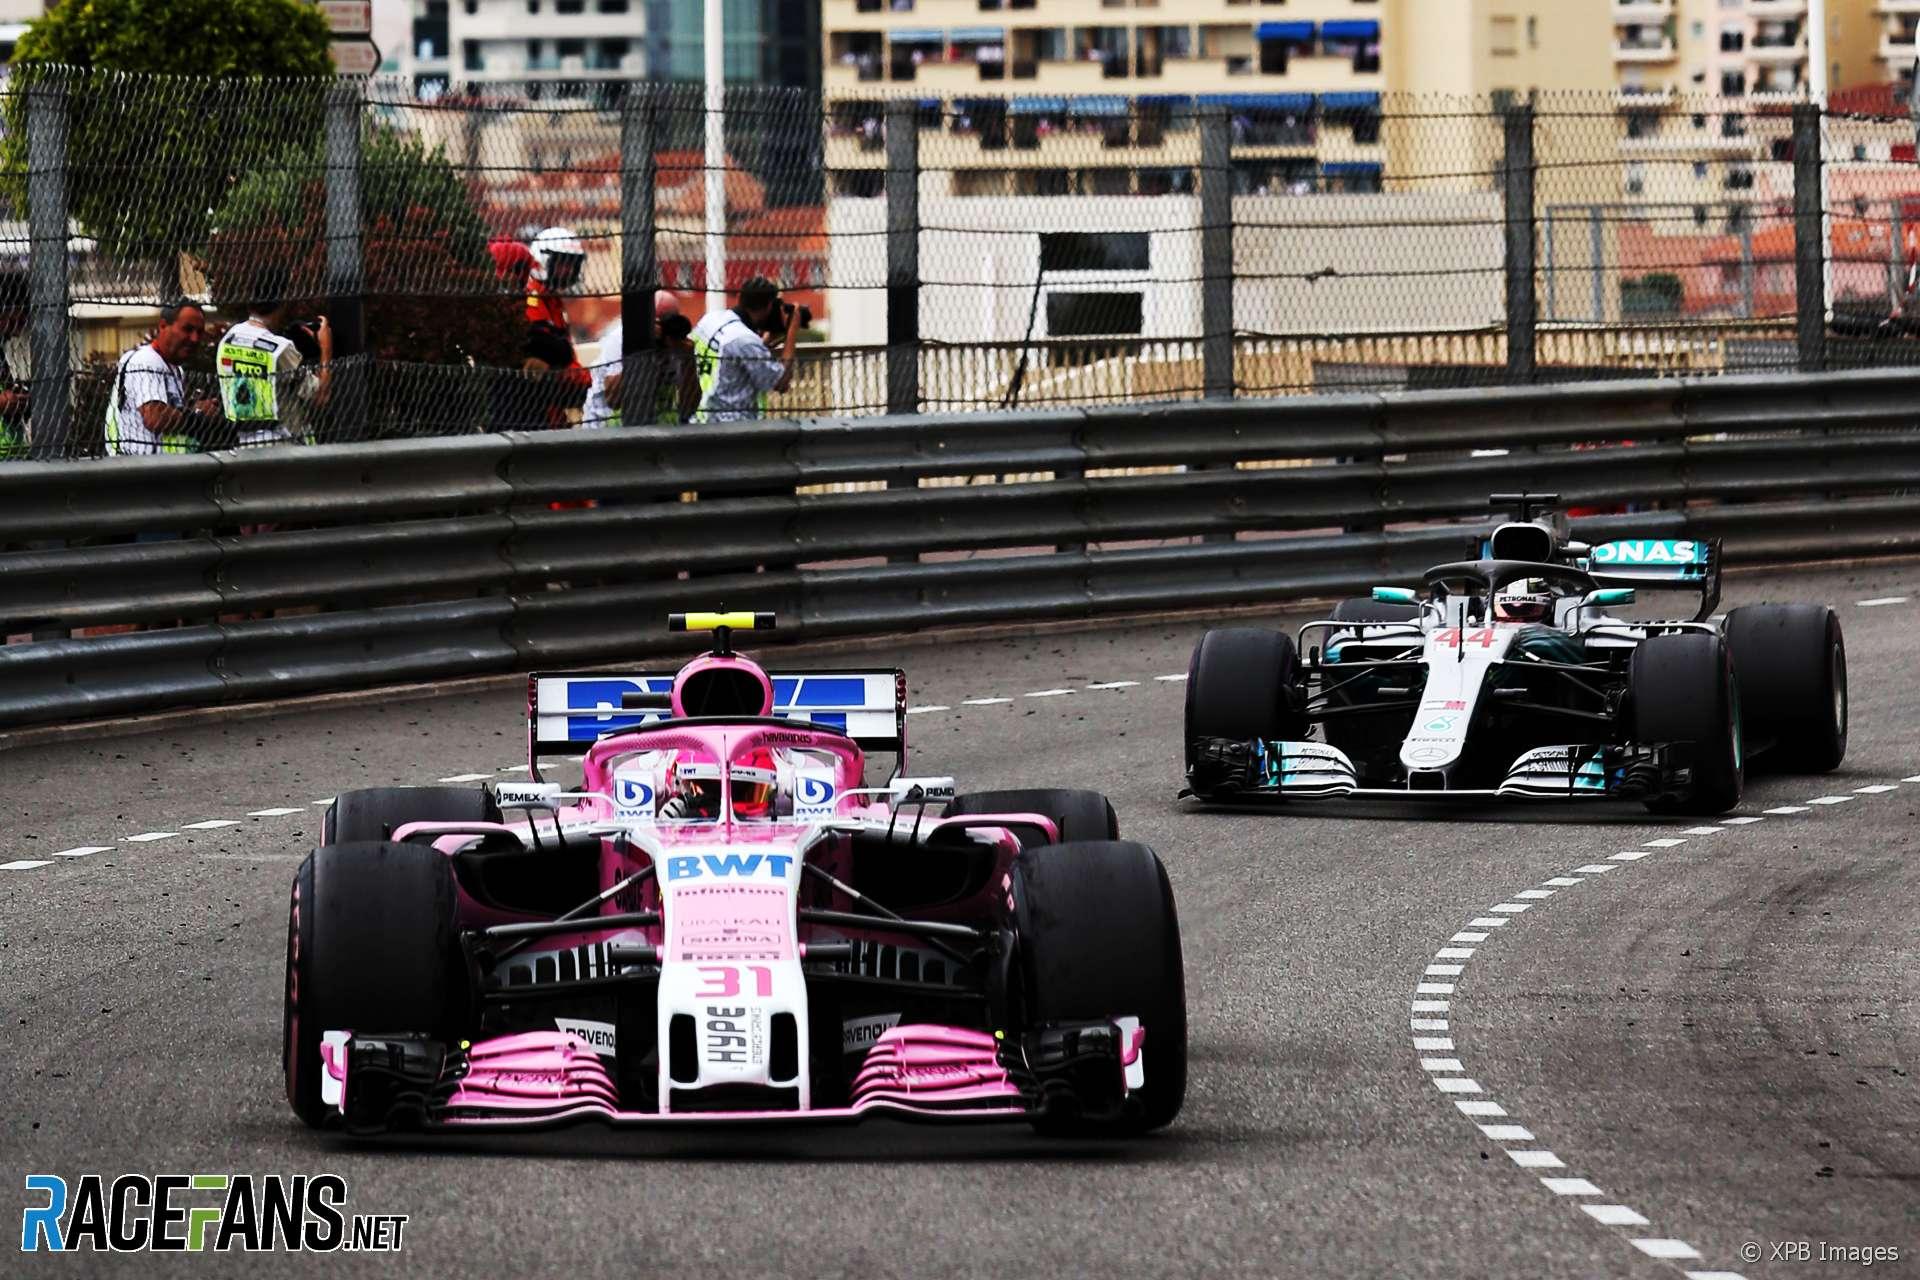 Esteban Ocon, Force India, Monaco, 2018